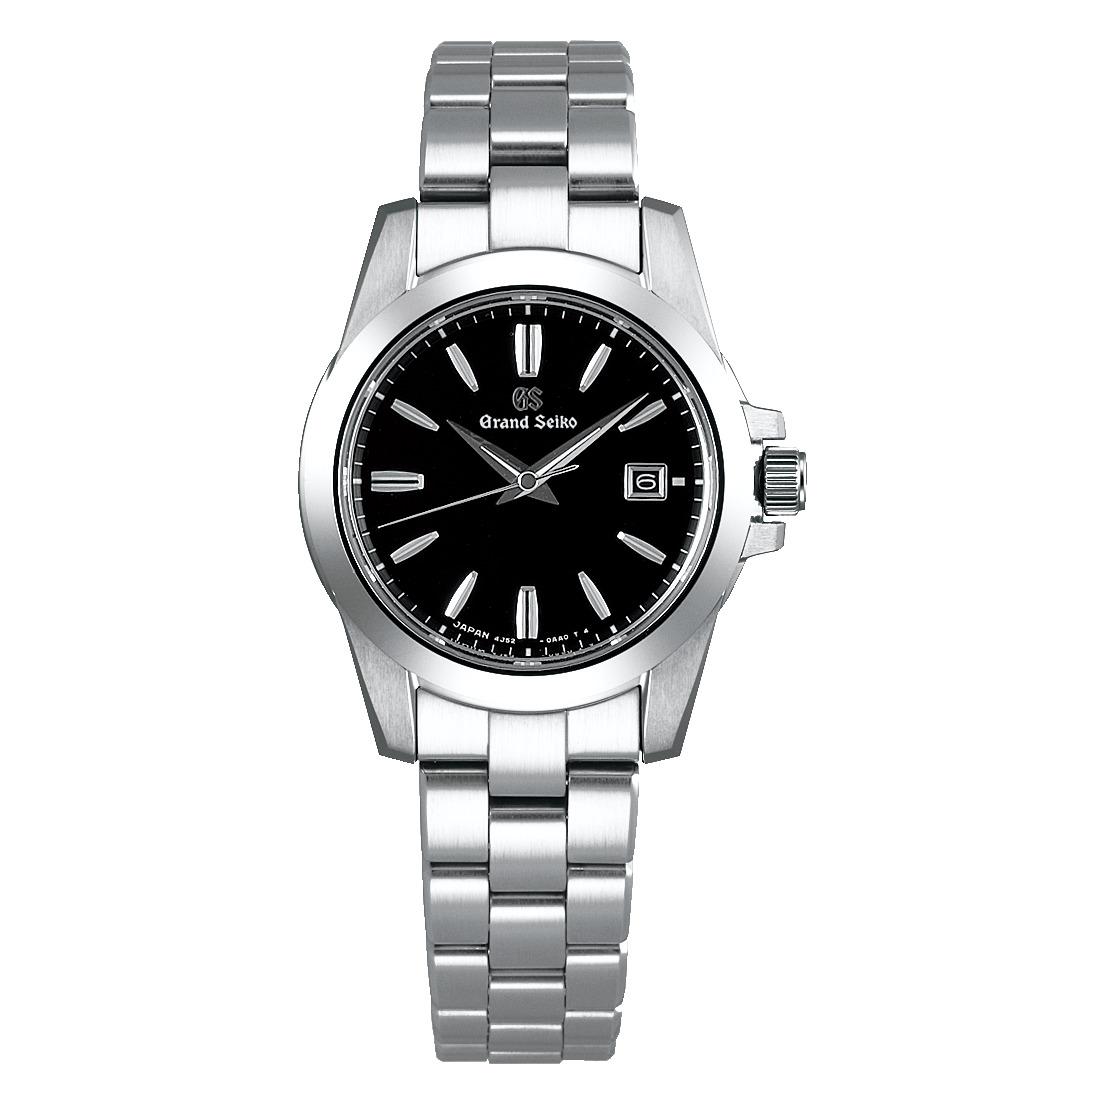 正規メーカー保証3年 正規品 Grand Seiko グランドセイコー STGF255 クォーツモデル 腕時計